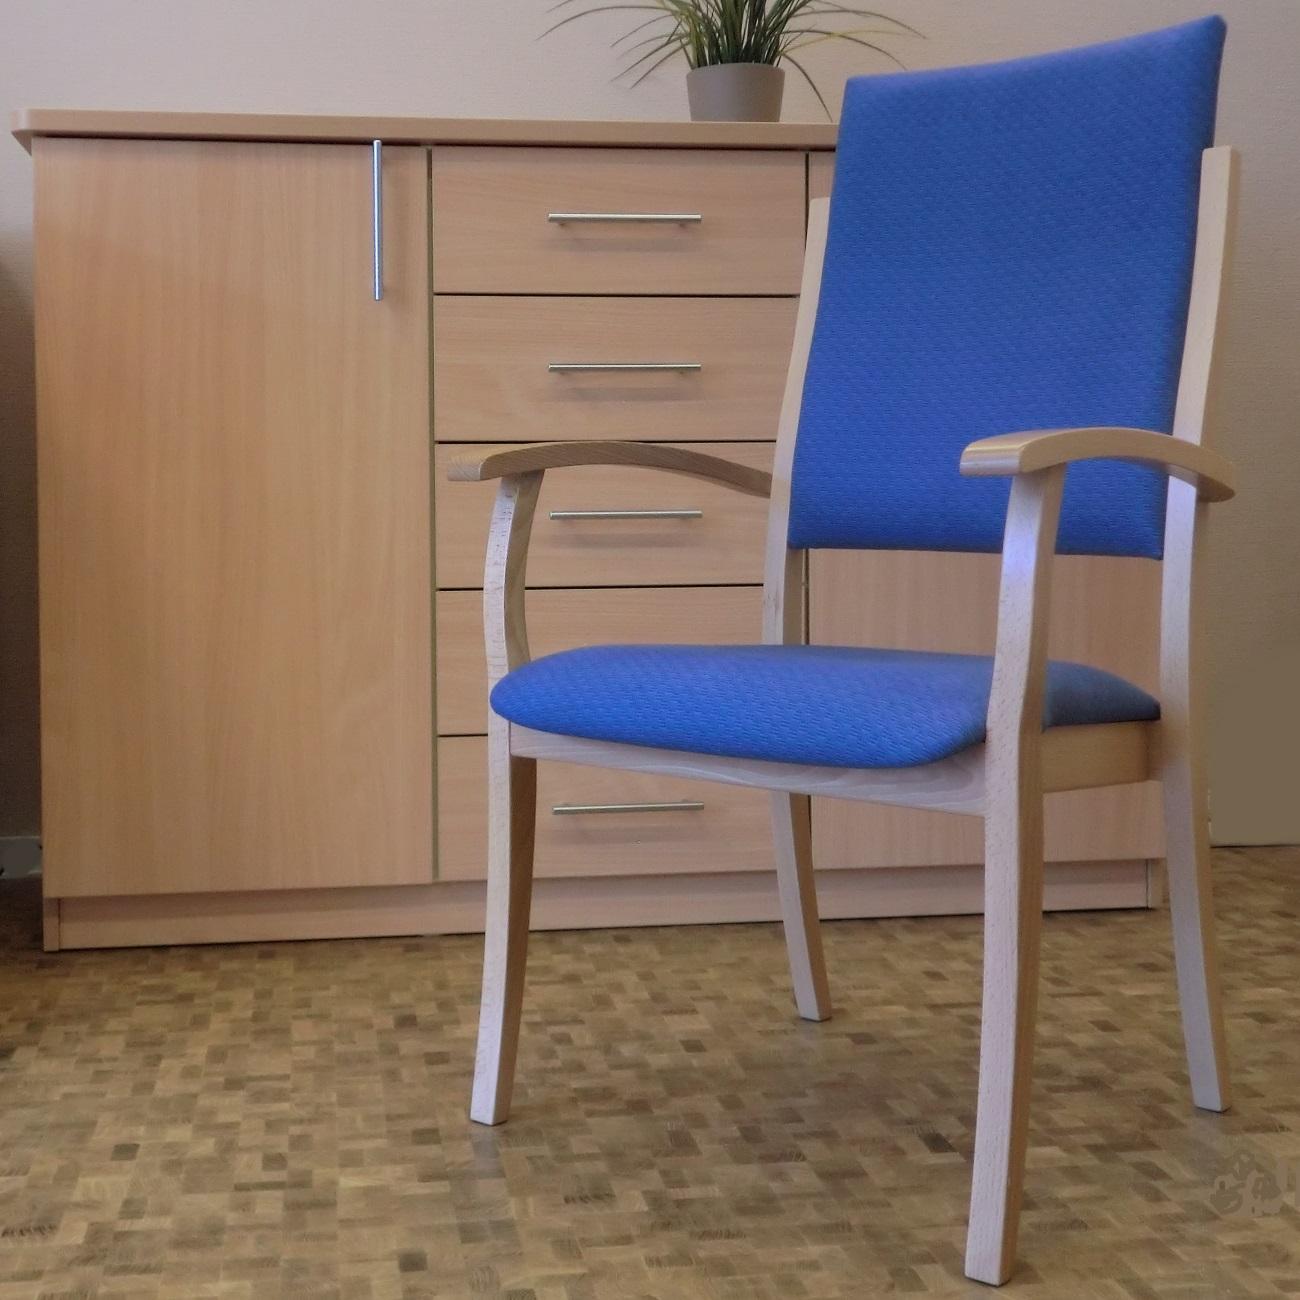 polsterstuhl mit hoher lehne f r die pflegeheim altenheimausstattung online bestellen. Black Bedroom Furniture Sets. Home Design Ideas